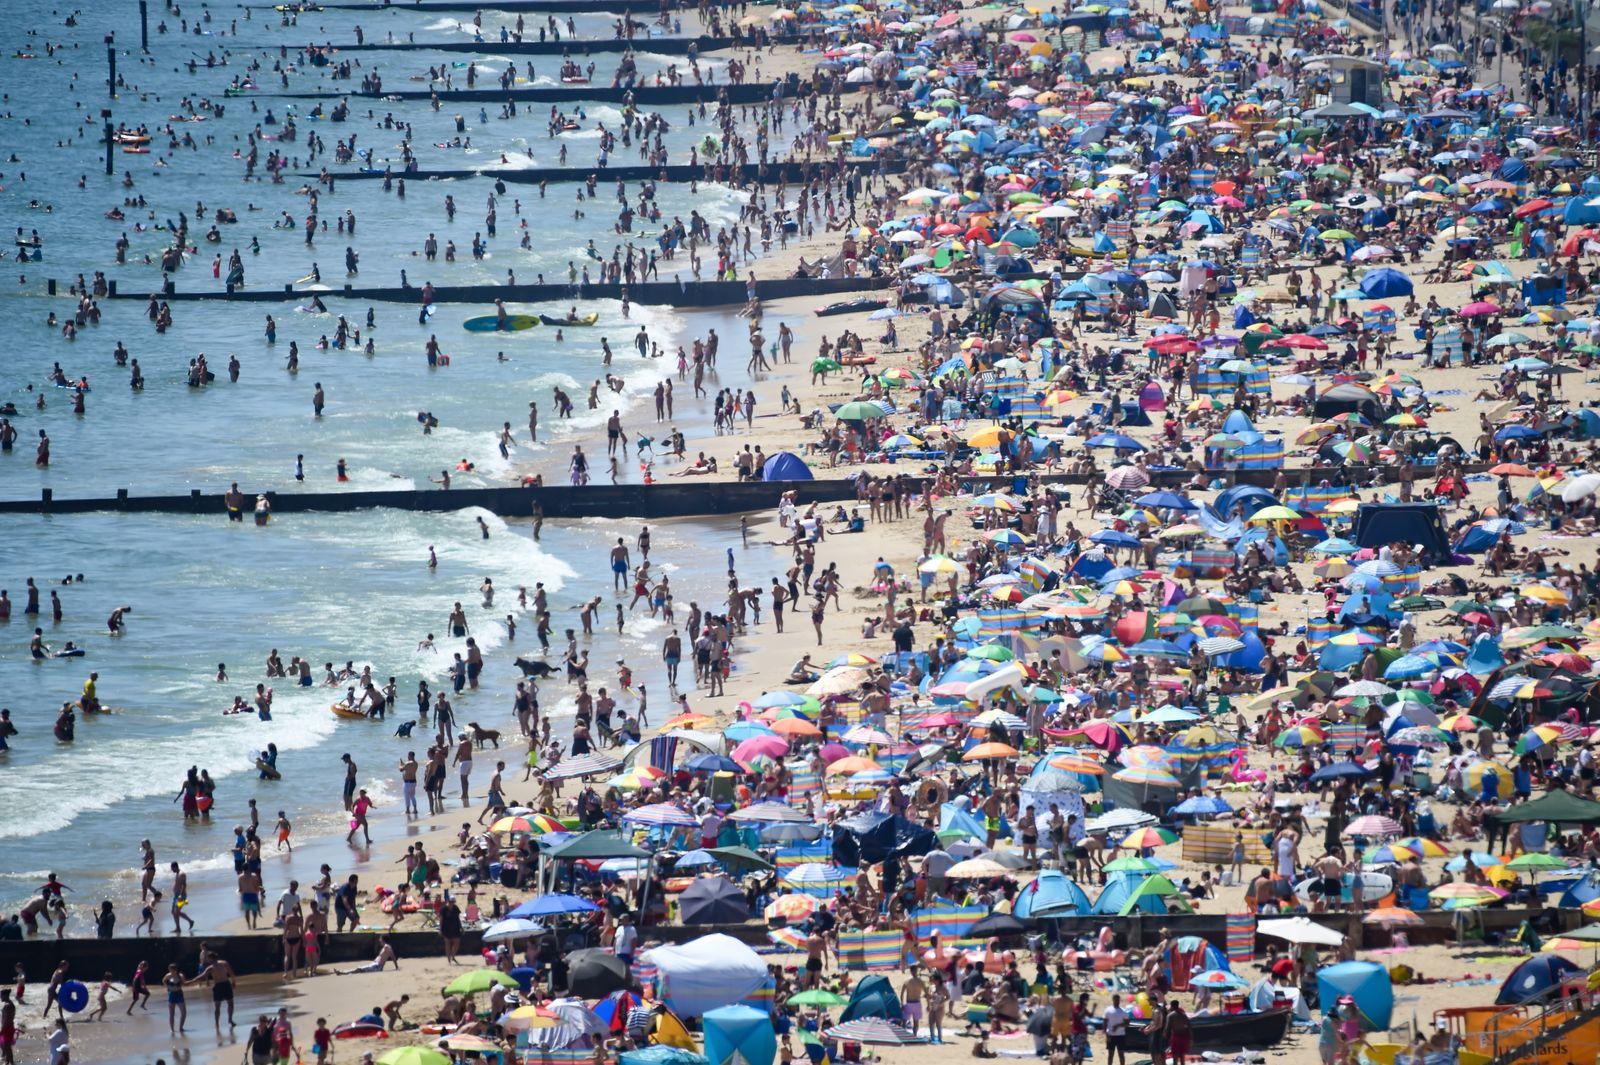 *** BESTPIX *** UK Experiences Summer Heatwave